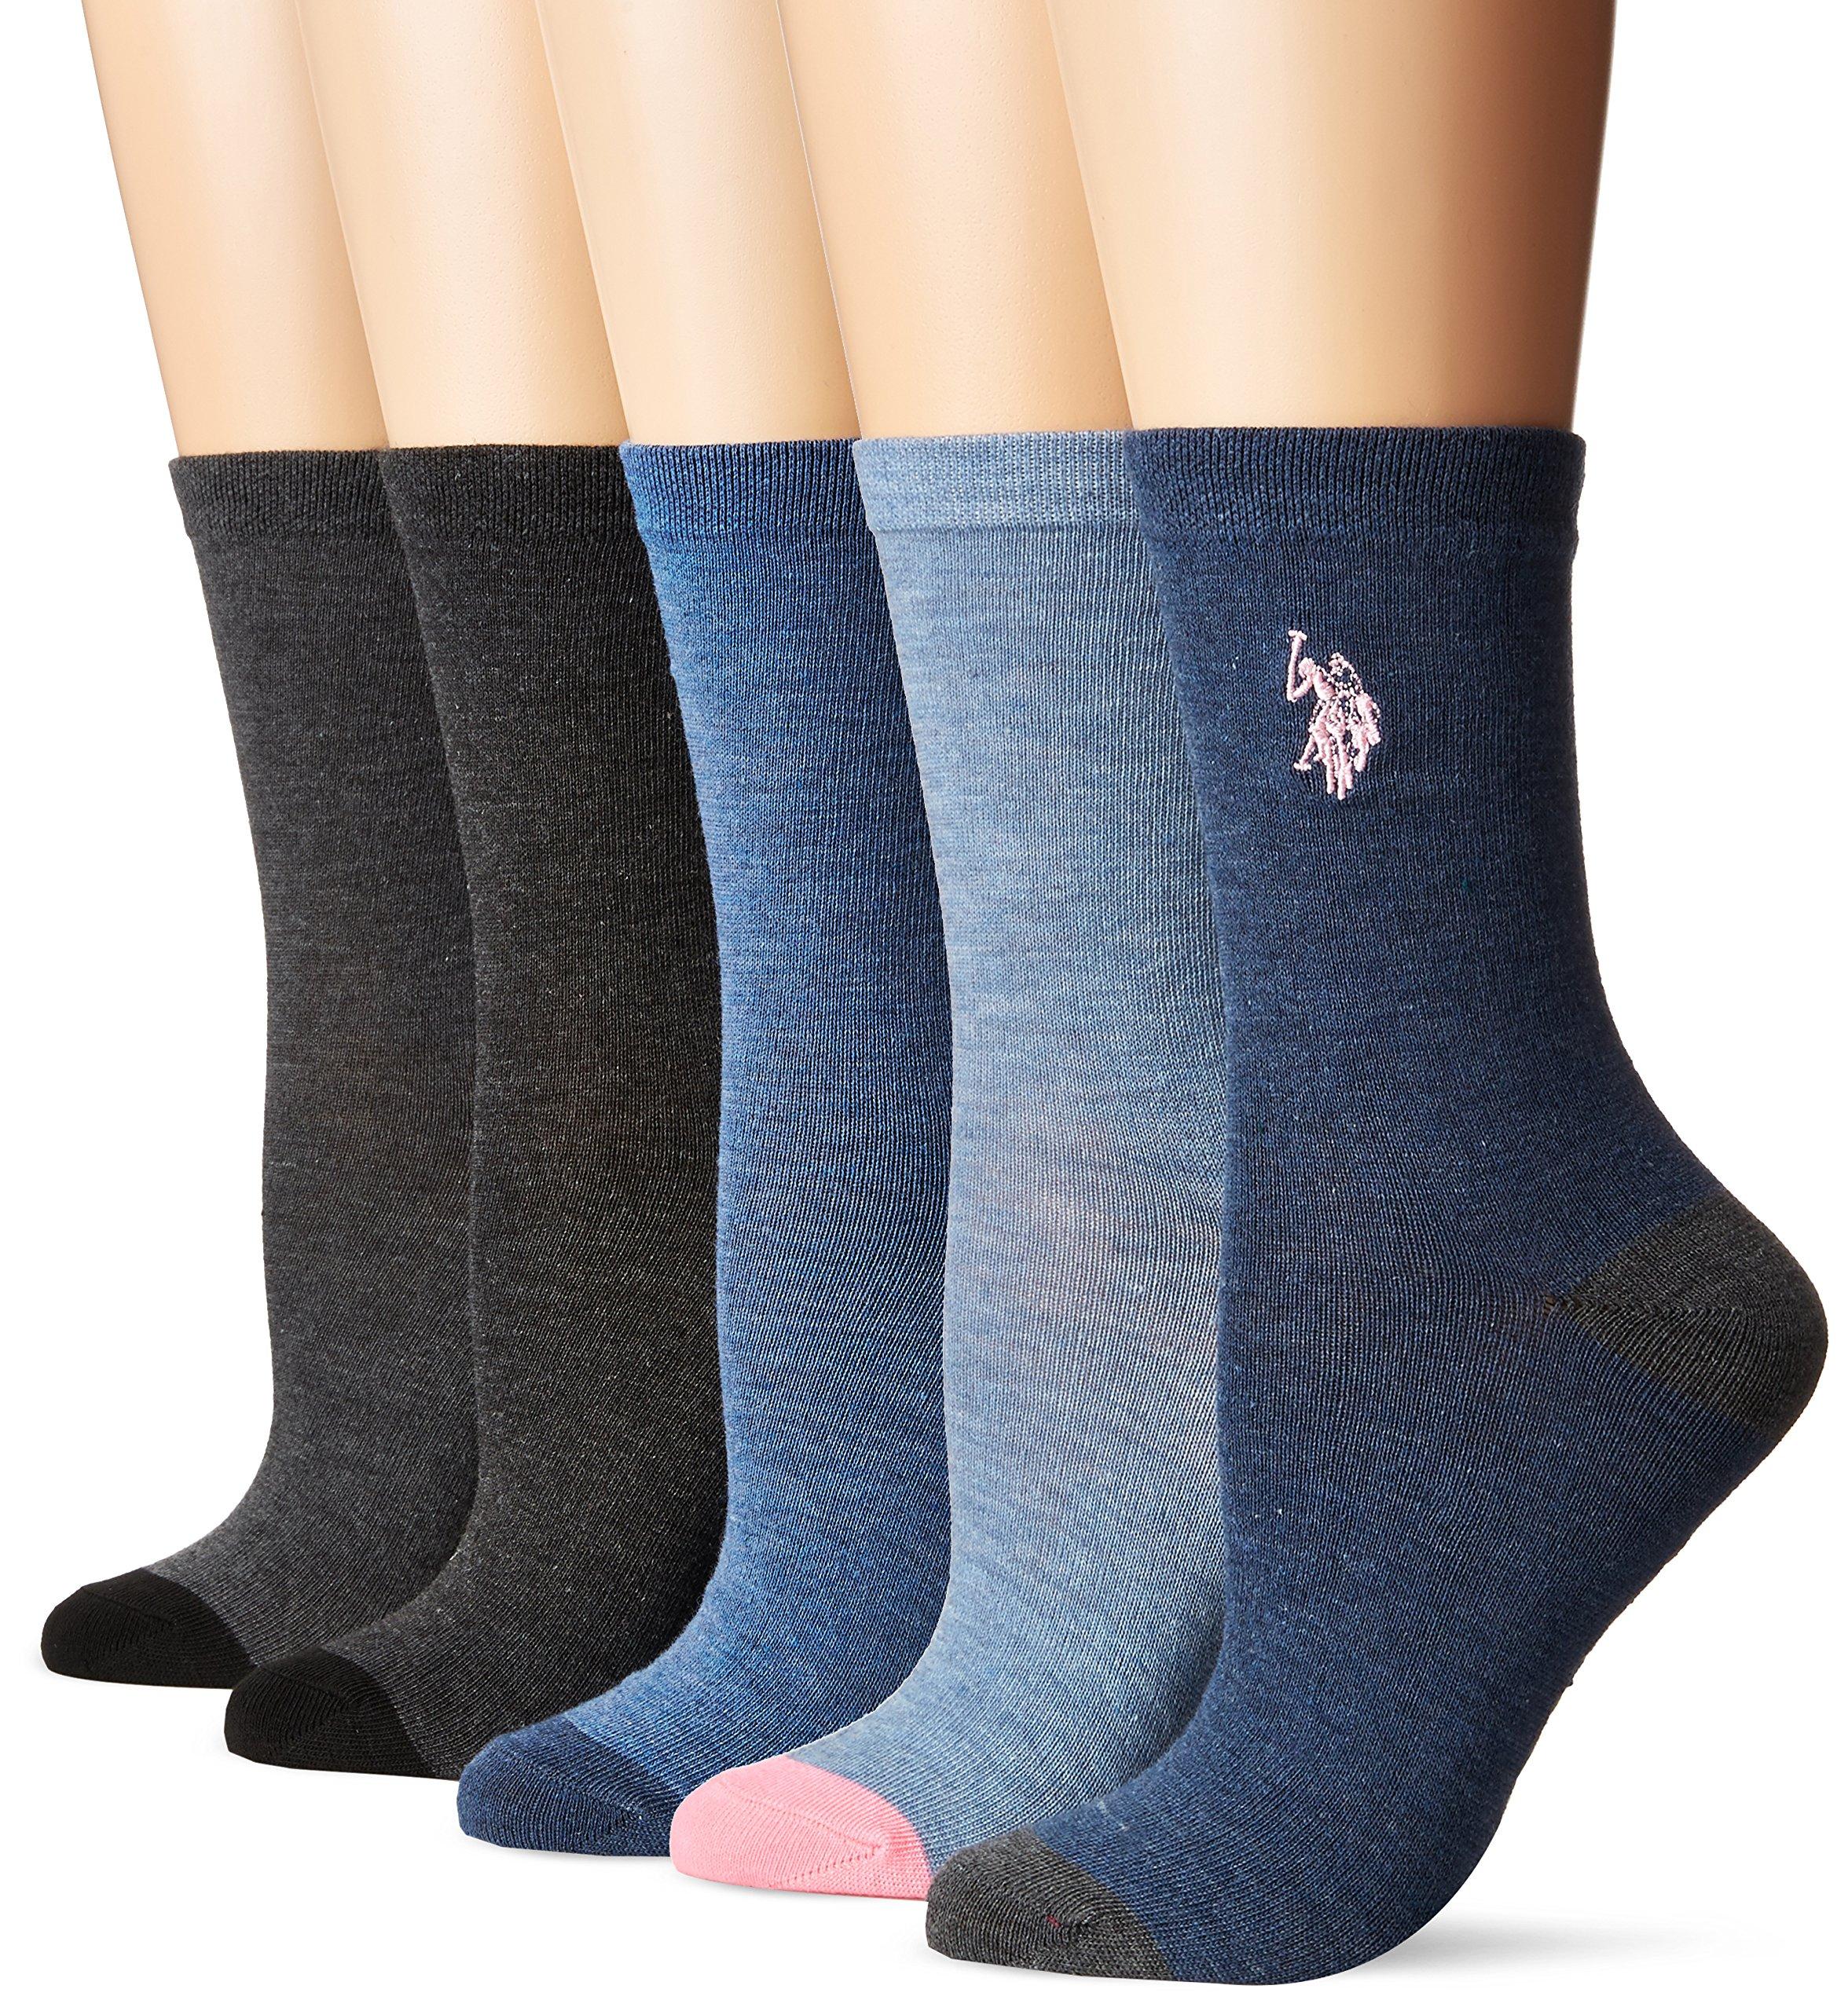 U.S. Polo Assn. Women's 5 Pack Dress Socks, Multi, 9-11